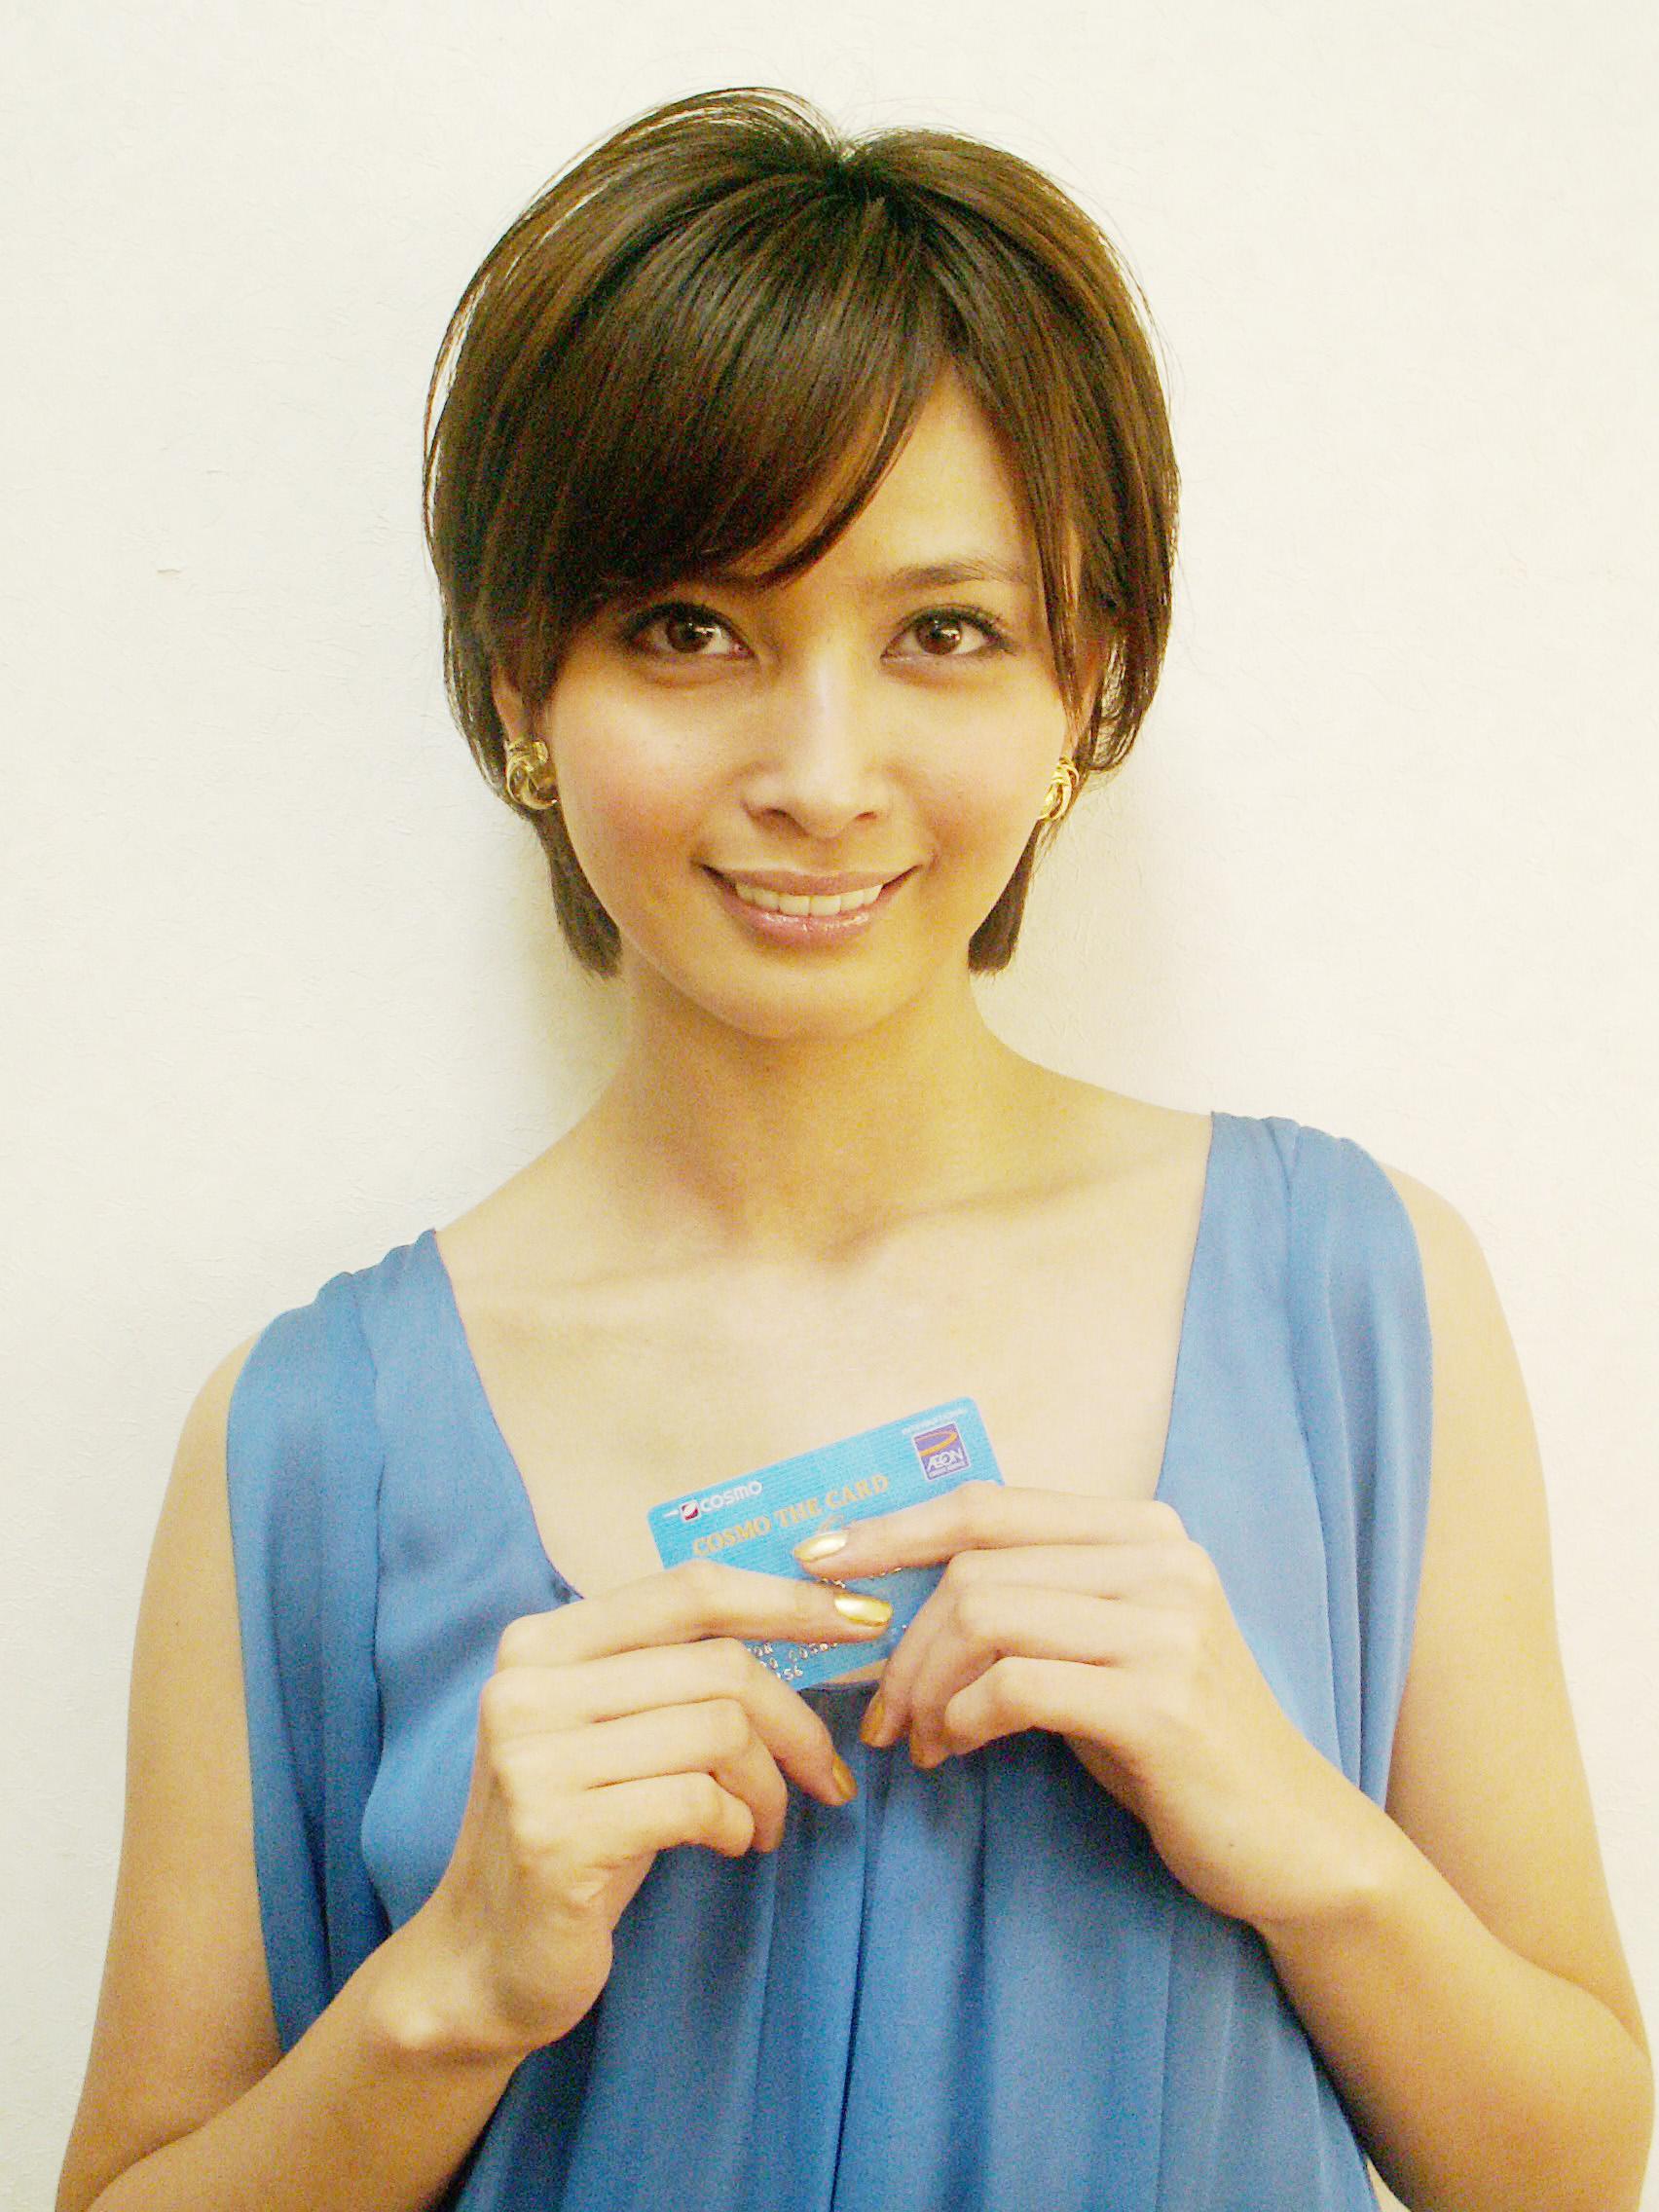 Natsuki Kato Photo Gallery